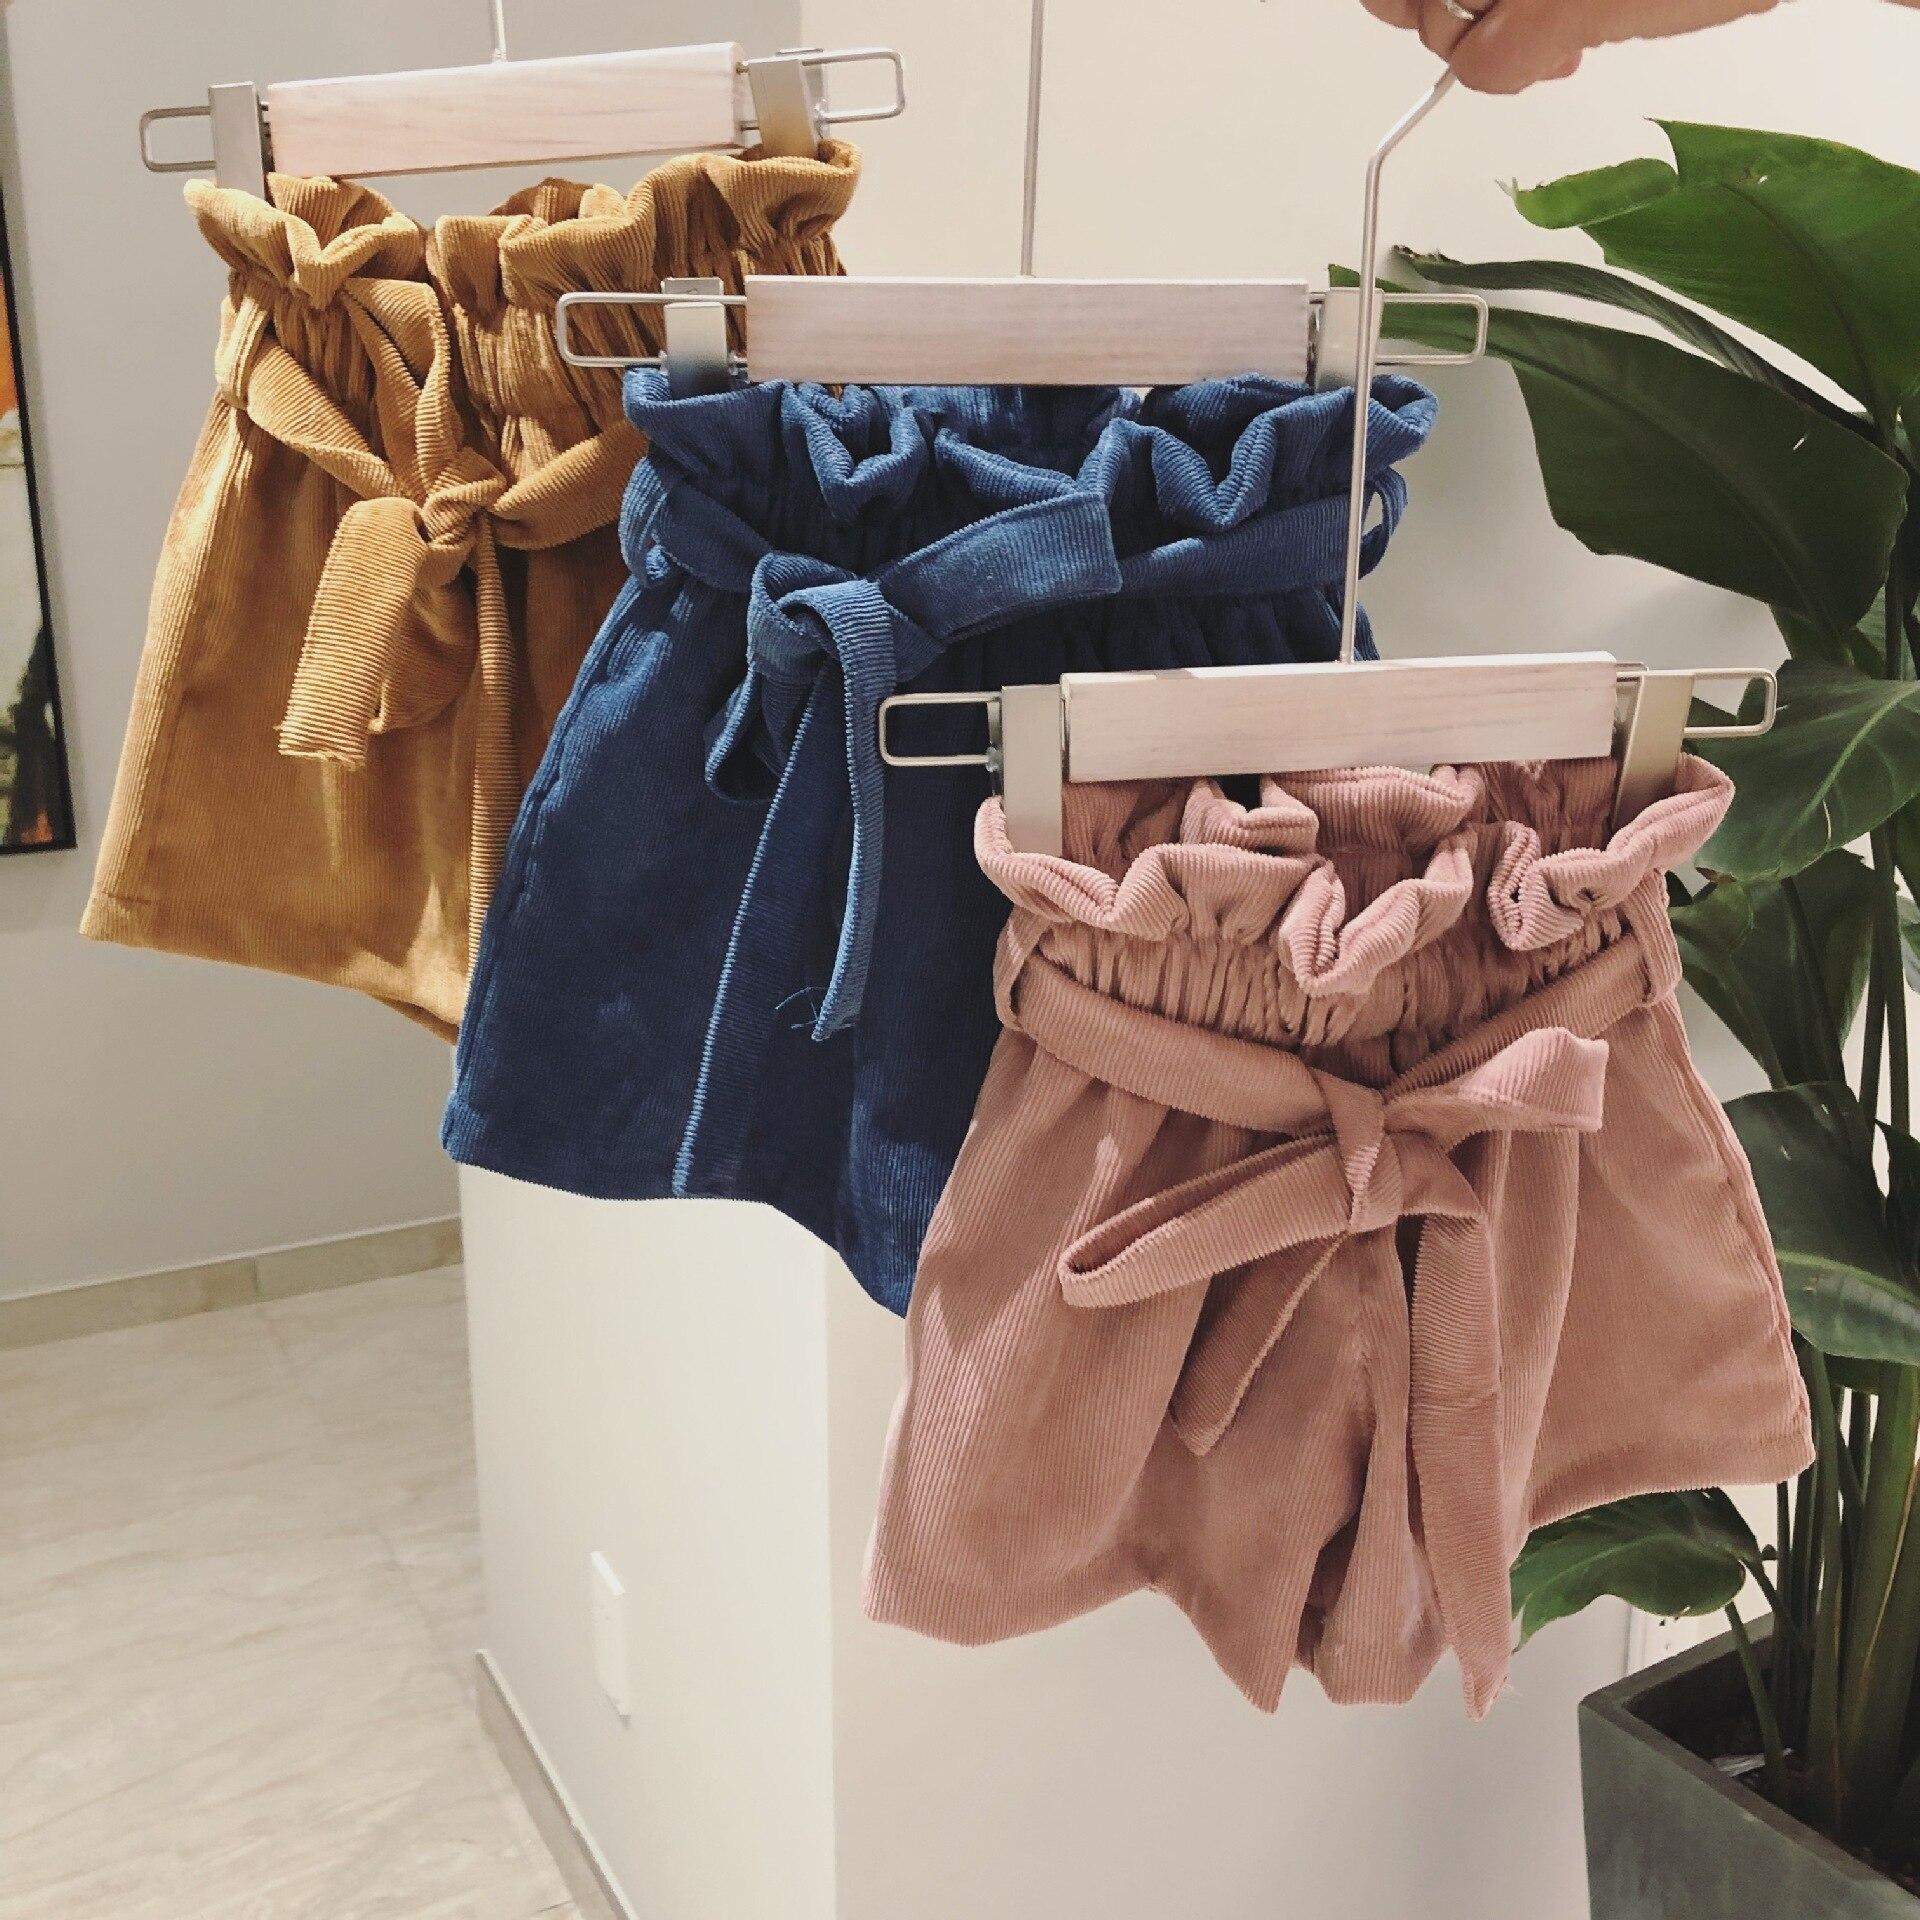 12 M-5 T Baby Mädchen Shorts 2019 Frühjahr Neue Candy Farbe Shorts Kinder Rock Hosen Weibliche Baby Sommer Baby Mädchen Denim Shorts